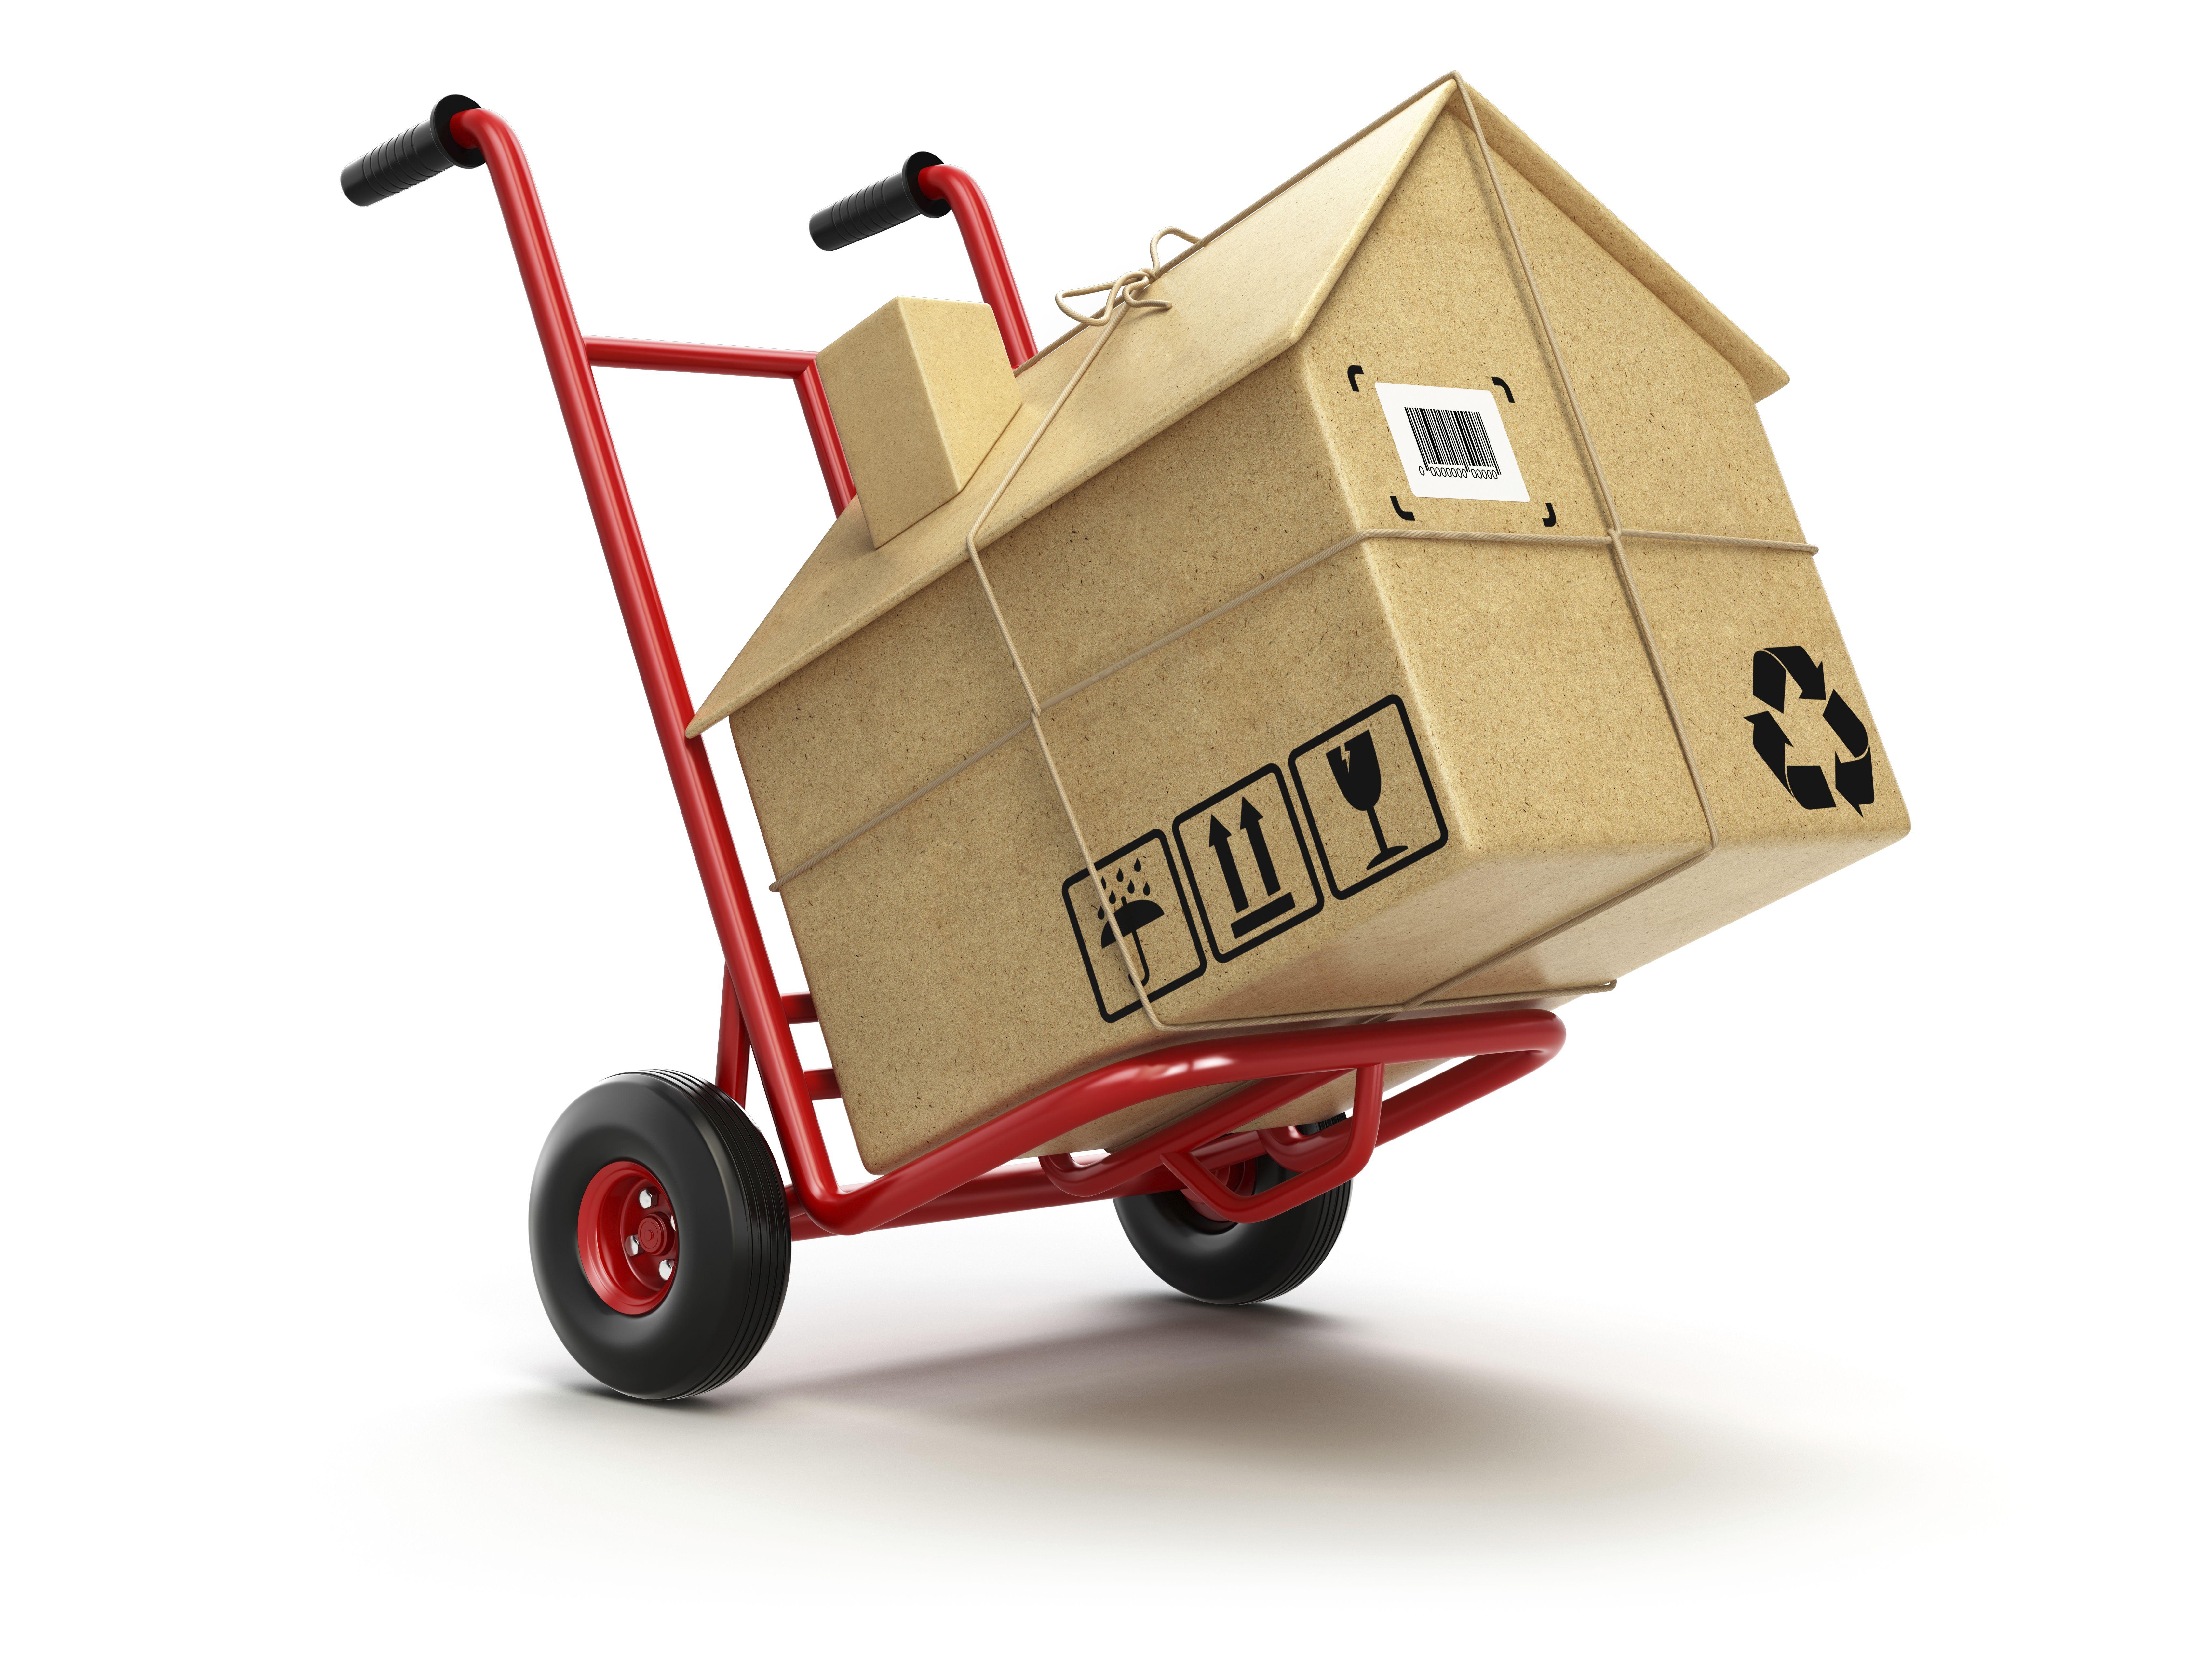 Portes pequeños: Servicios de Mudanzas y Transportes Los Caballeros